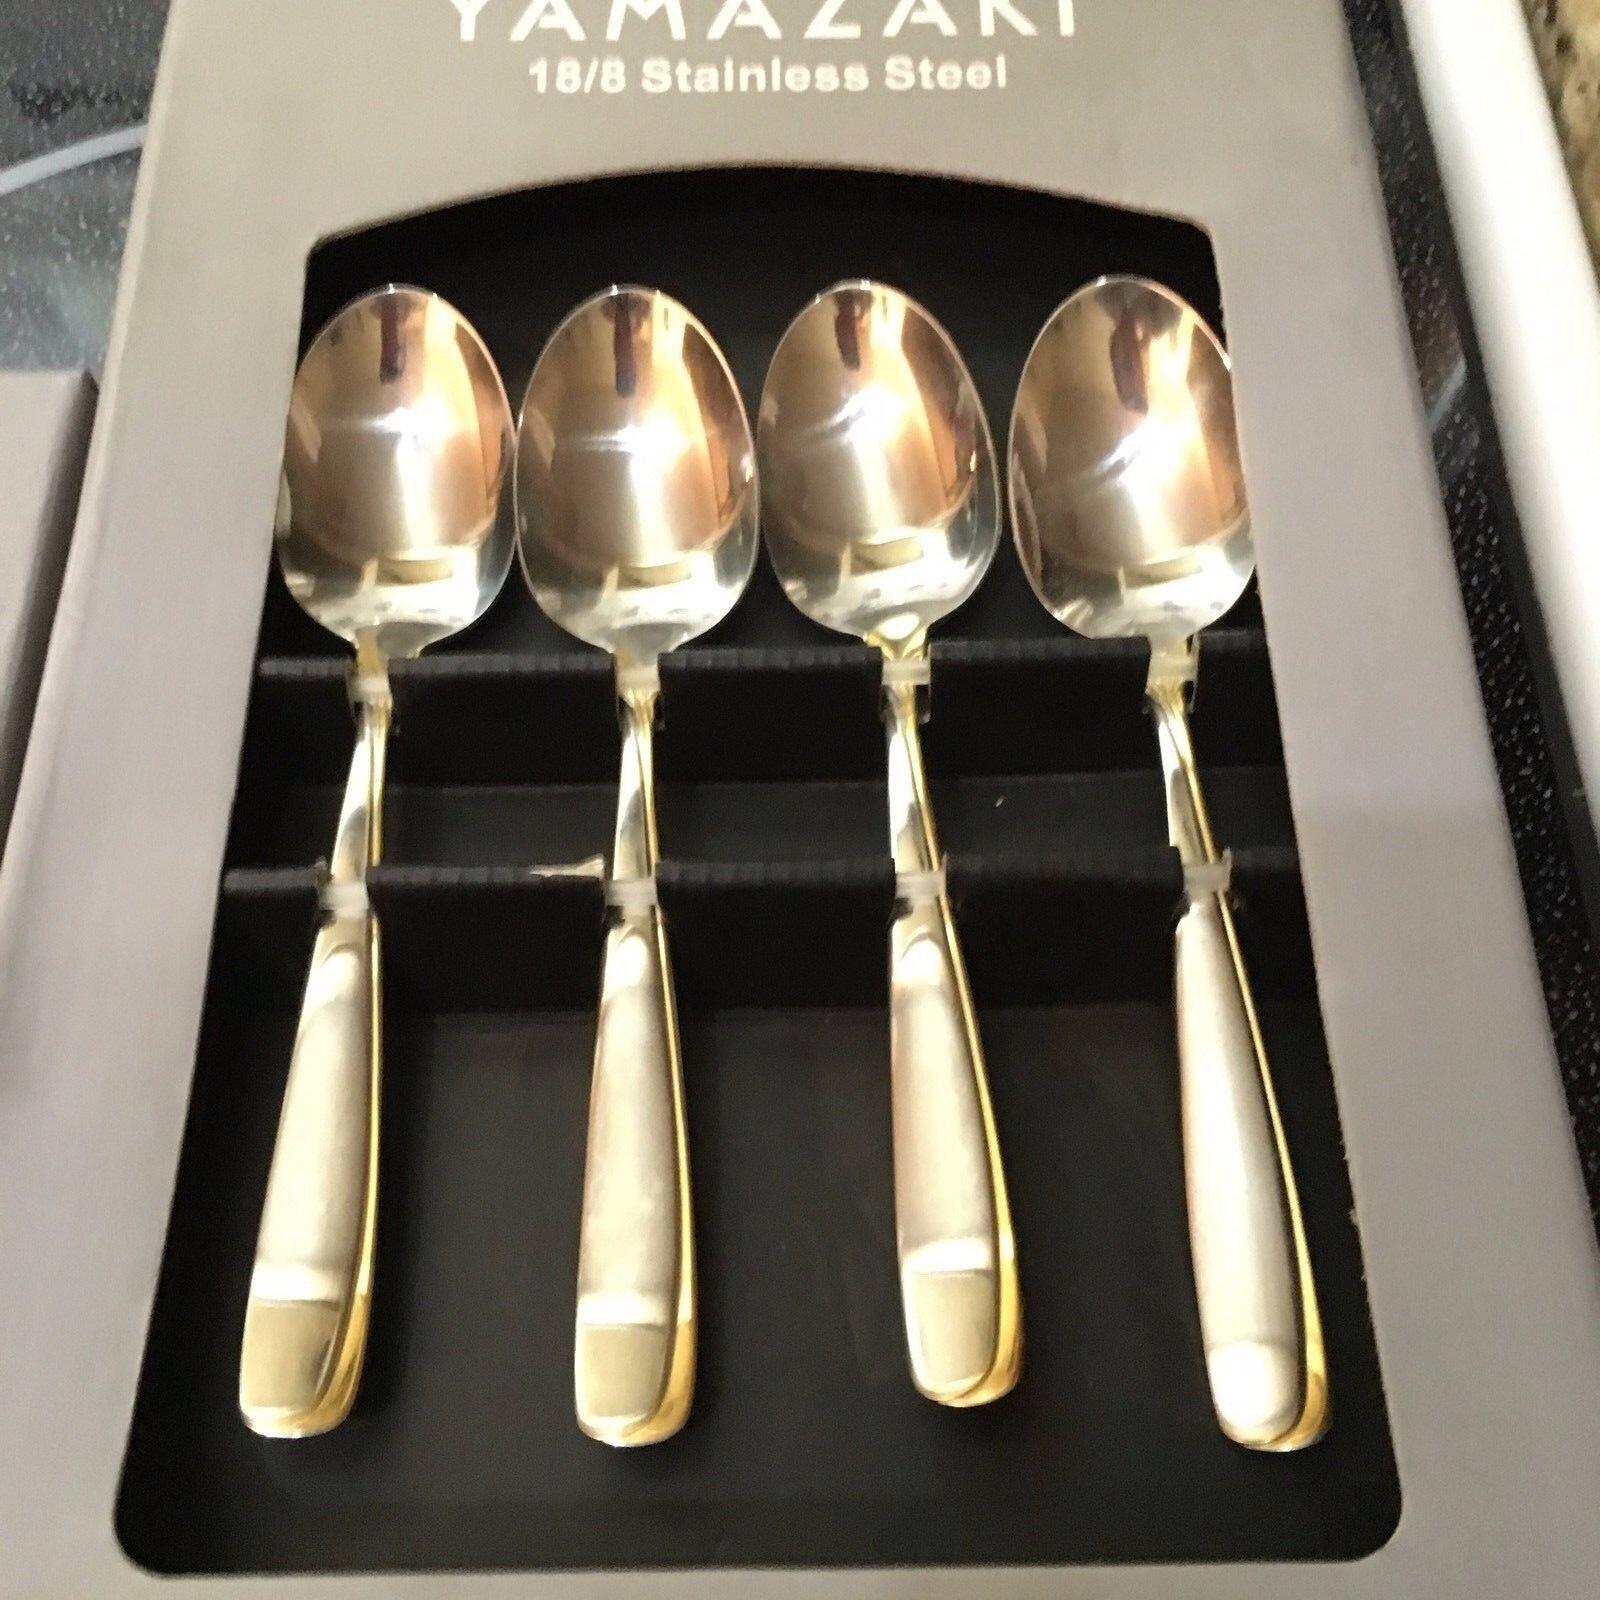 Nouveau Yamazaki Affair or accent Set 4 Cuillères à Café Dessert-distributeur autorisé